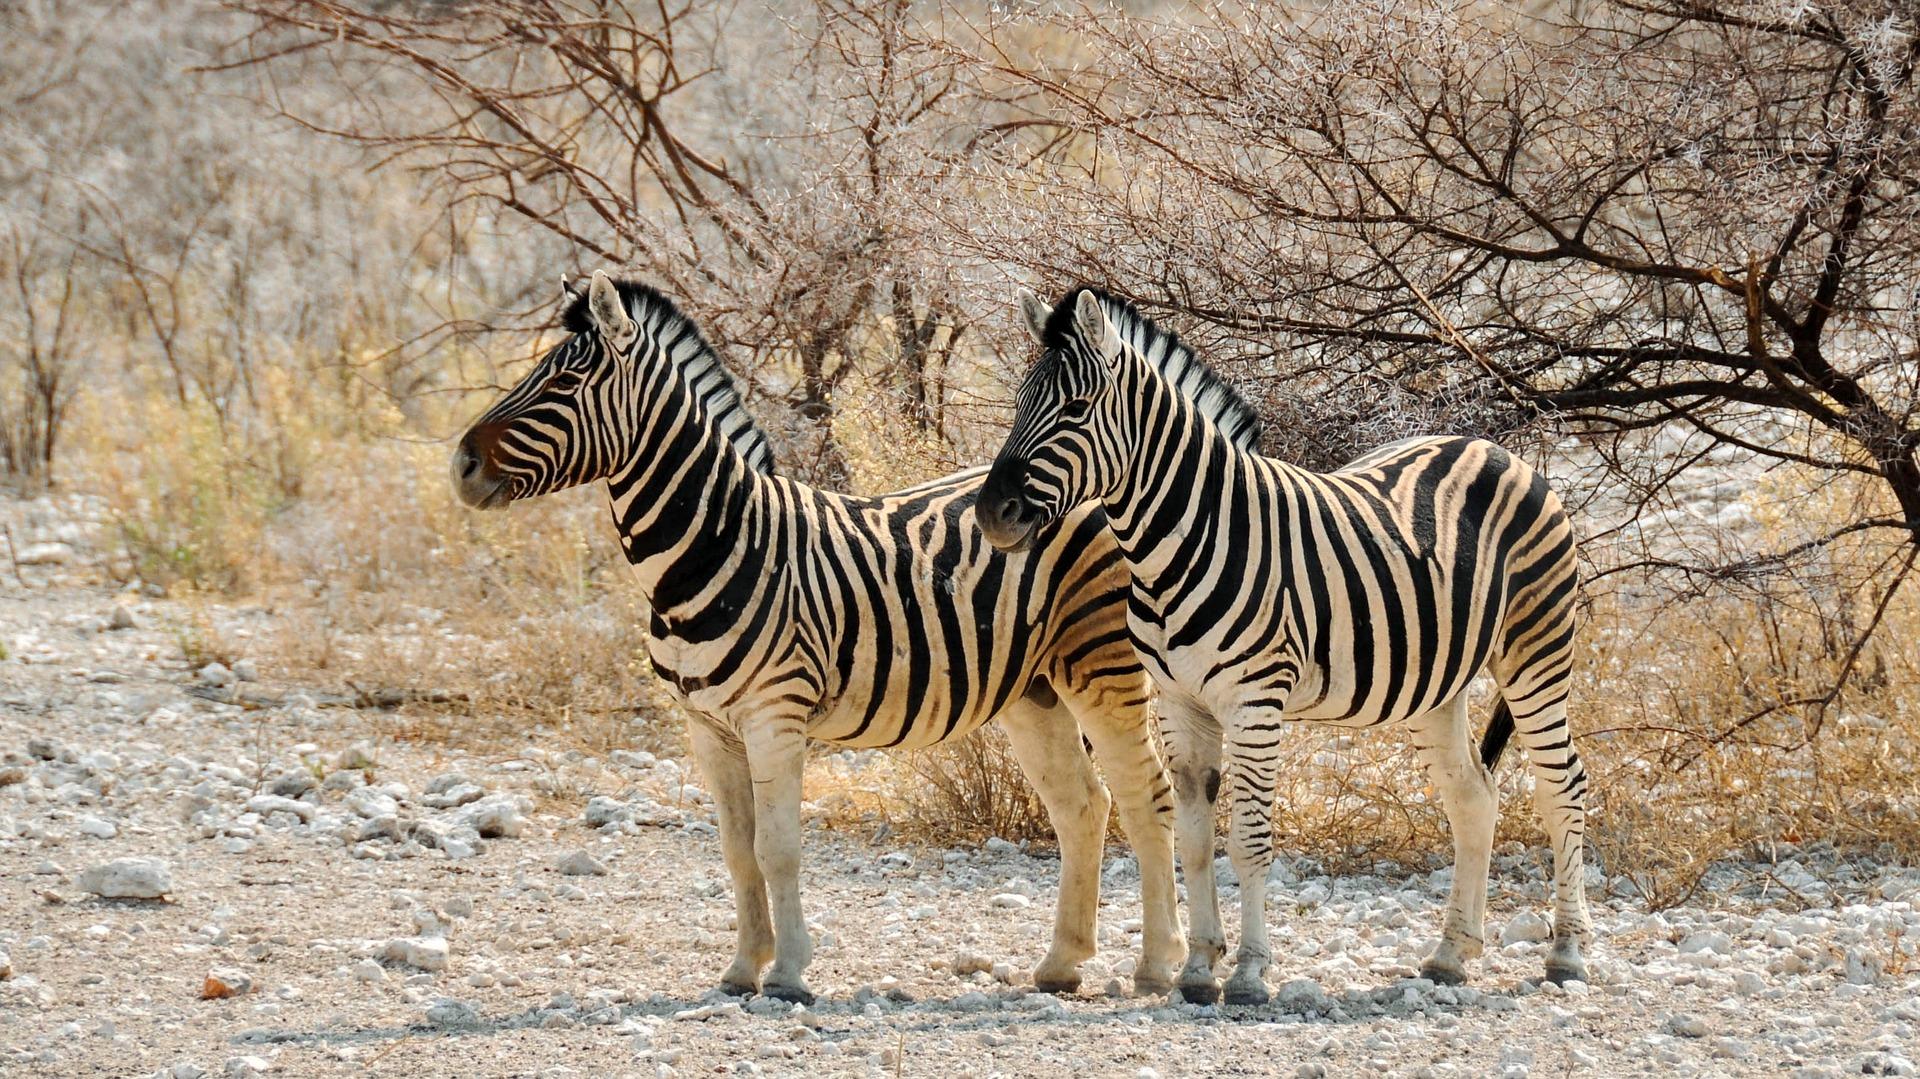 zebra-1170156_1920.jpg